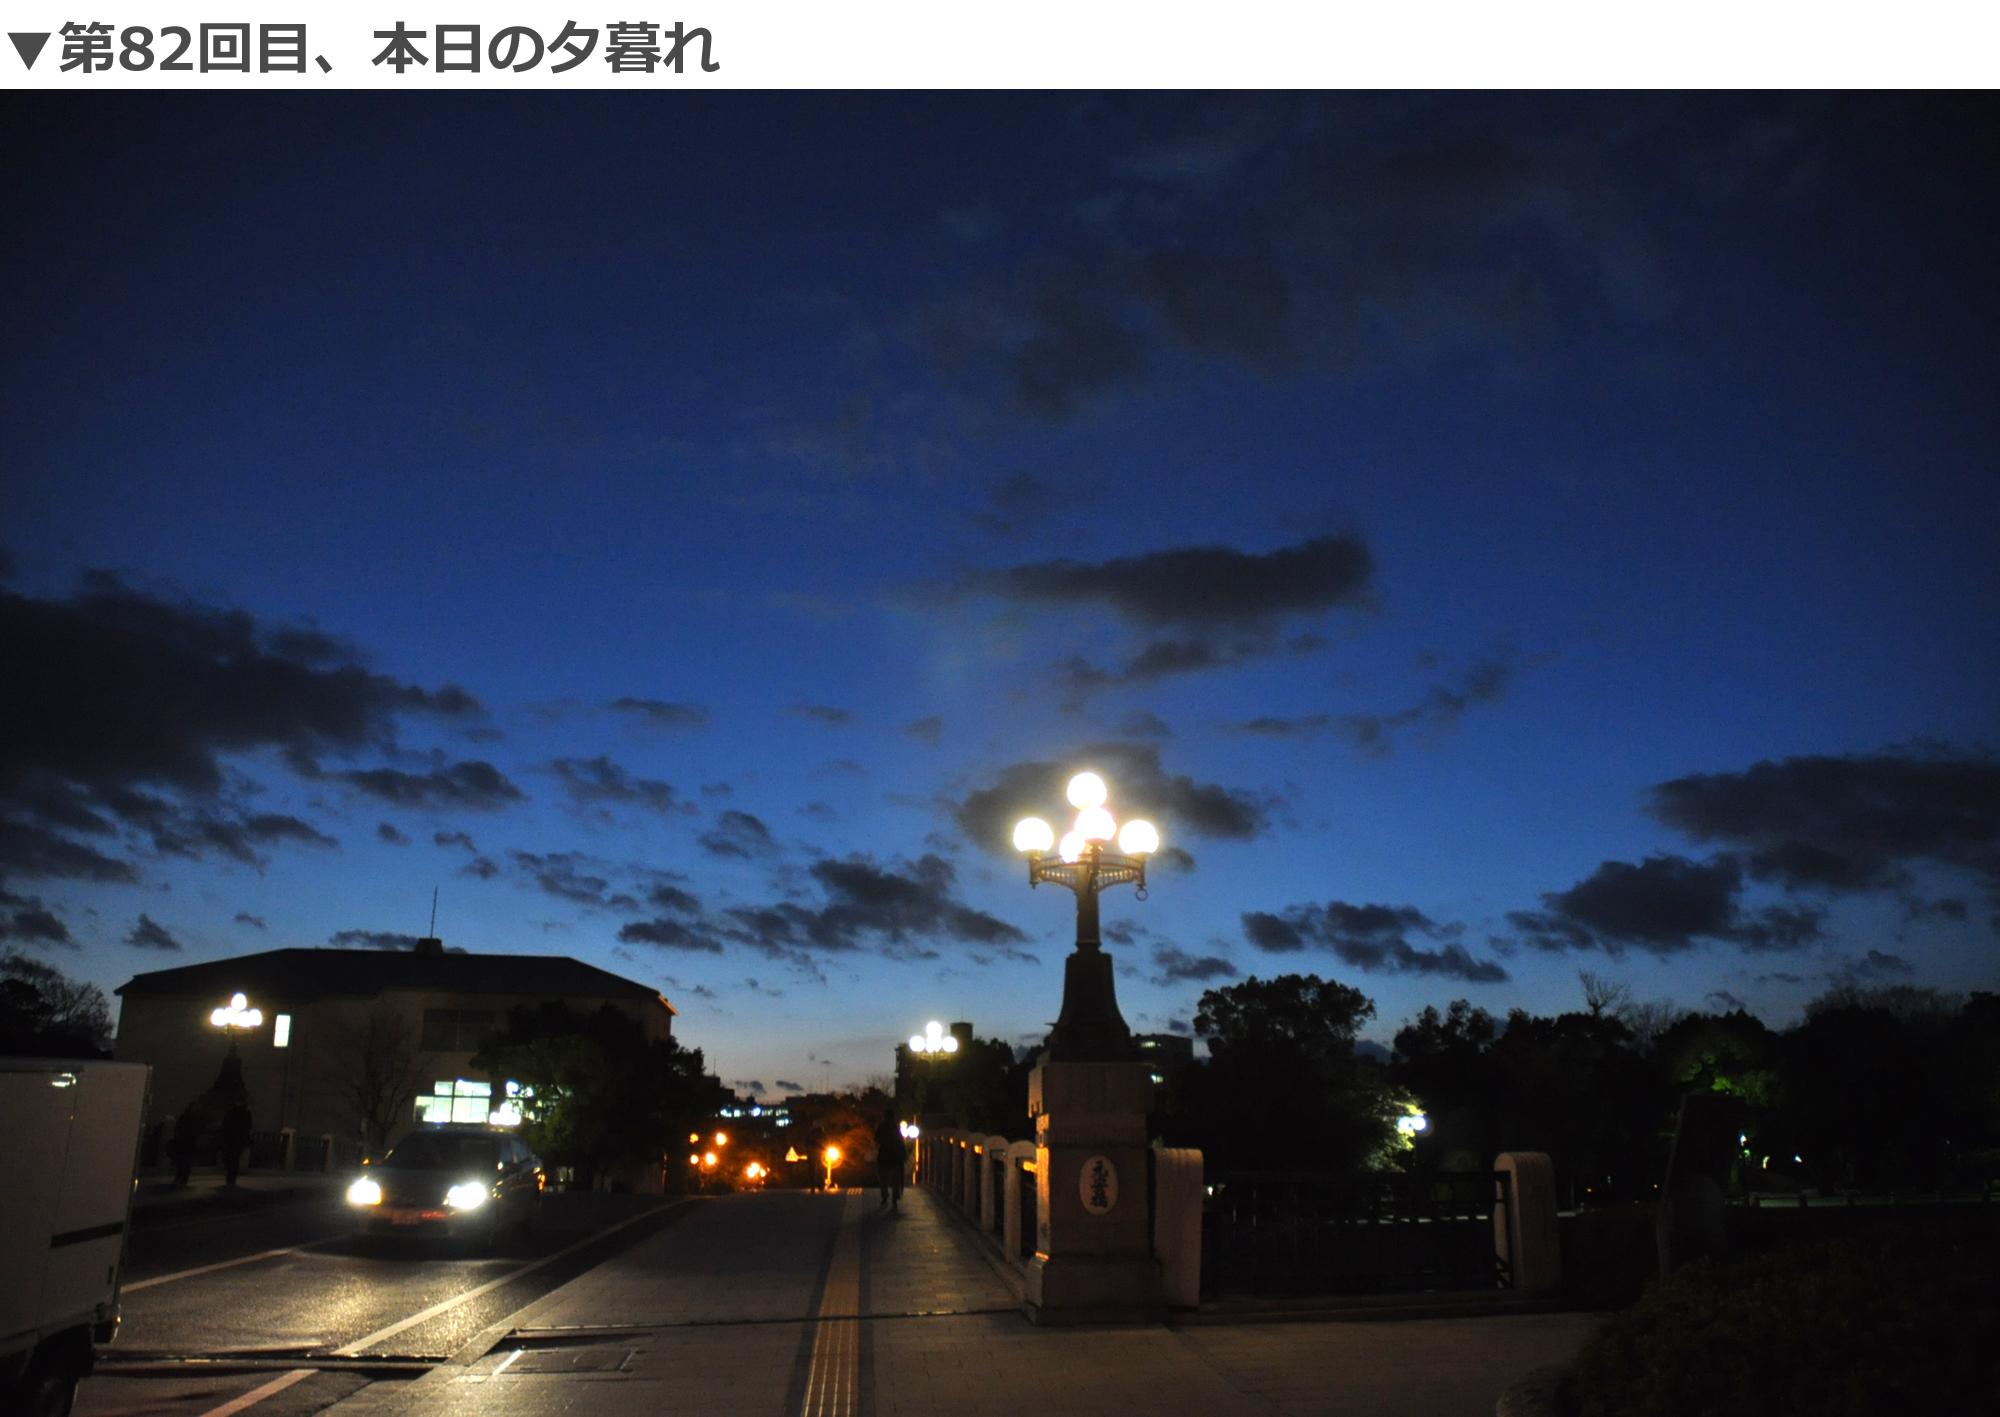 ファイル 248-5.jpg